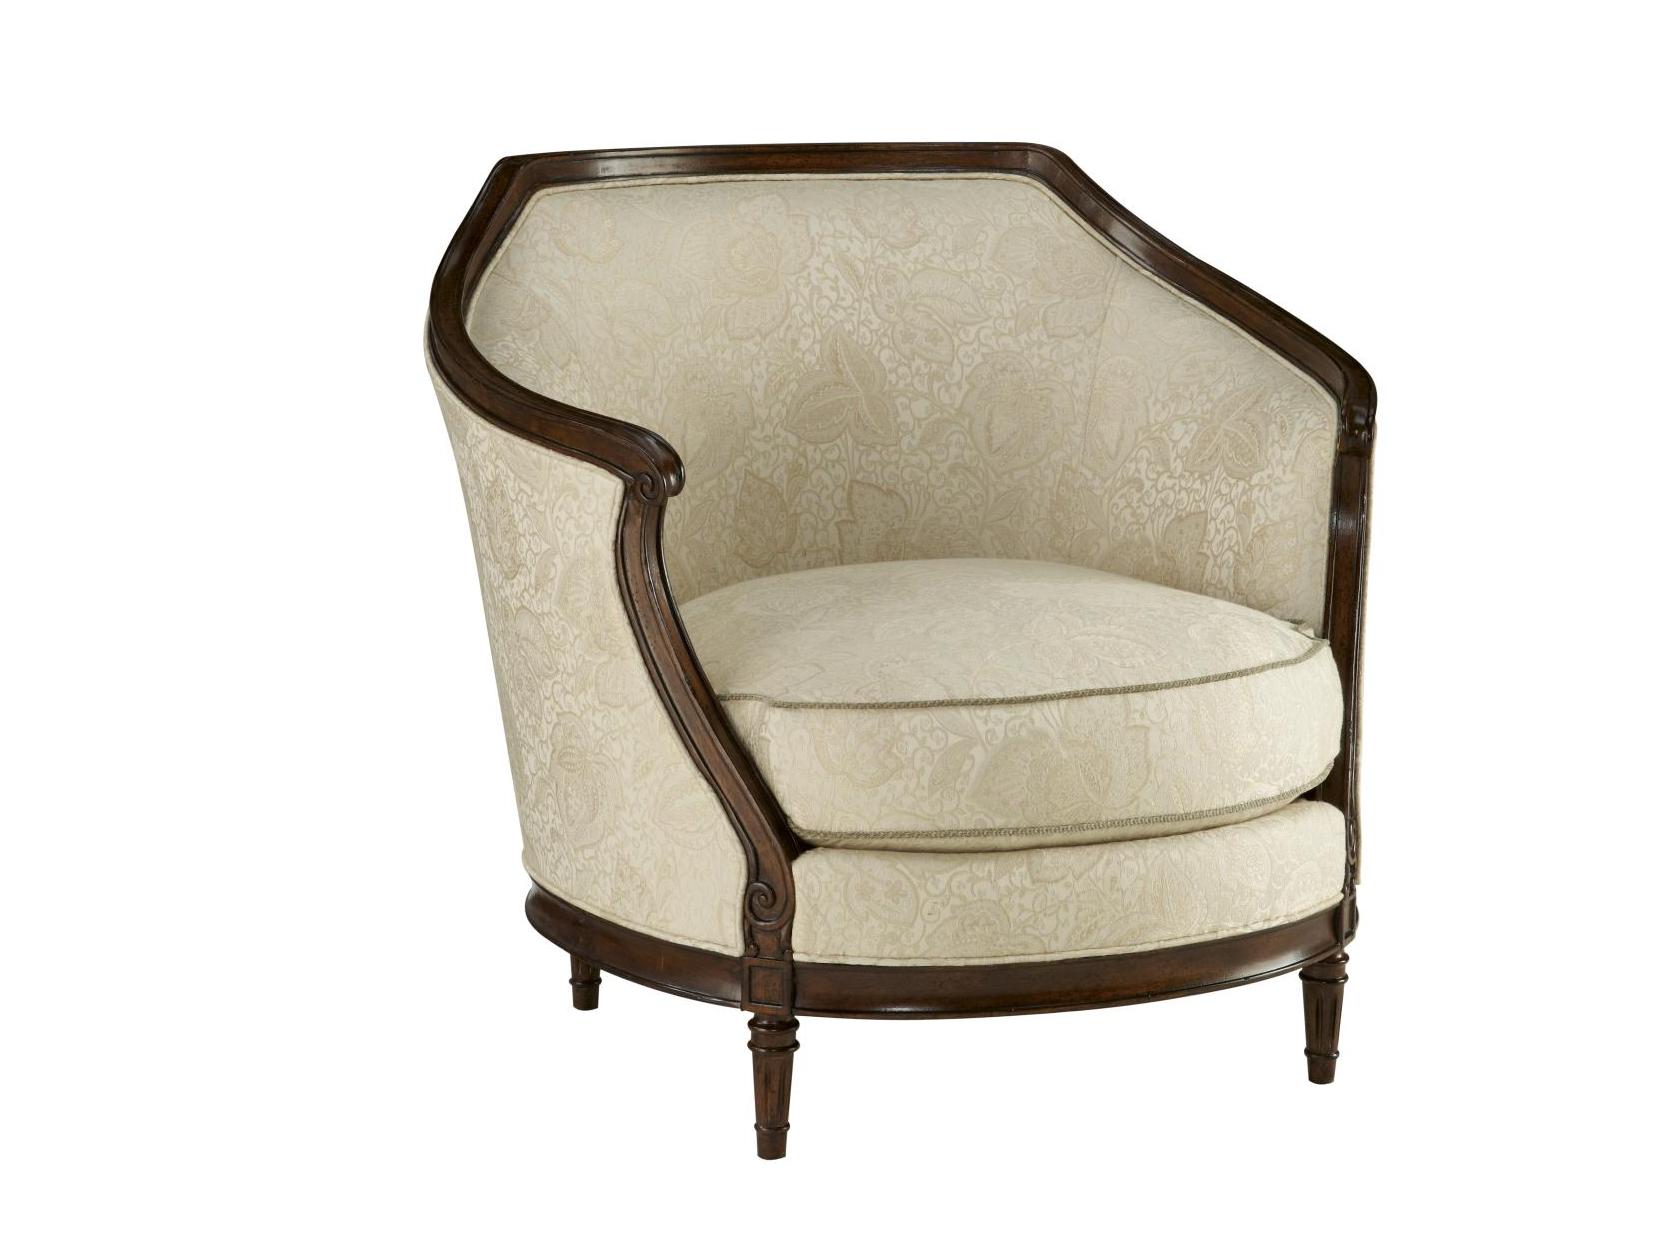 Vanderbilt Furniture. Shop For Fine Furniture Design And Mkt Chair  Vanderbilt, Other Living Room